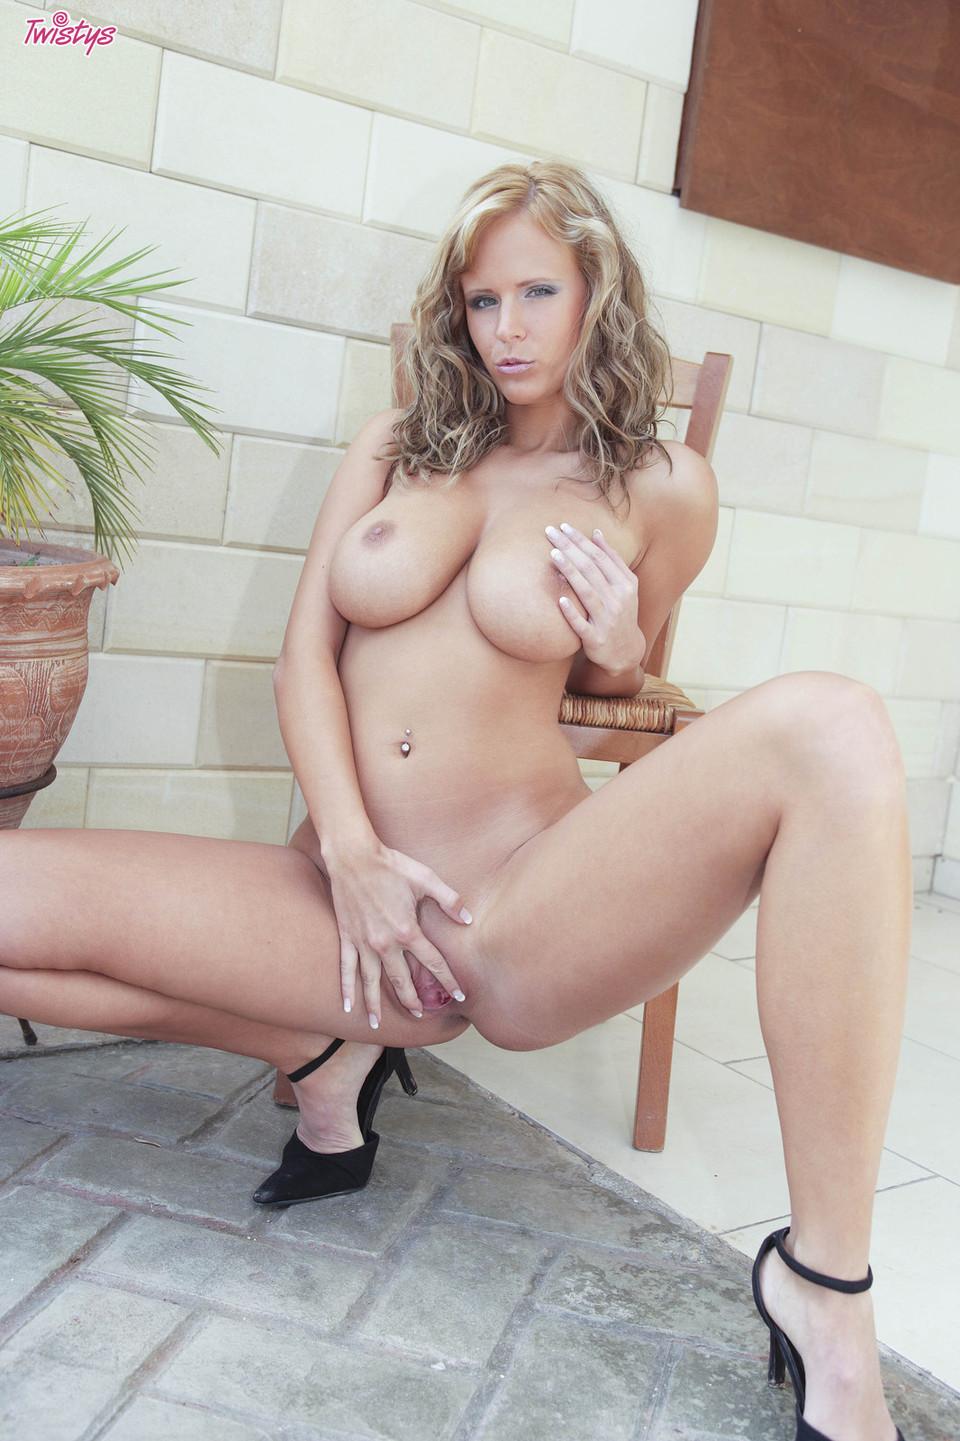 Zuzana Drabinova in the backyard – nude gallery | Daily Girls @ Female Update